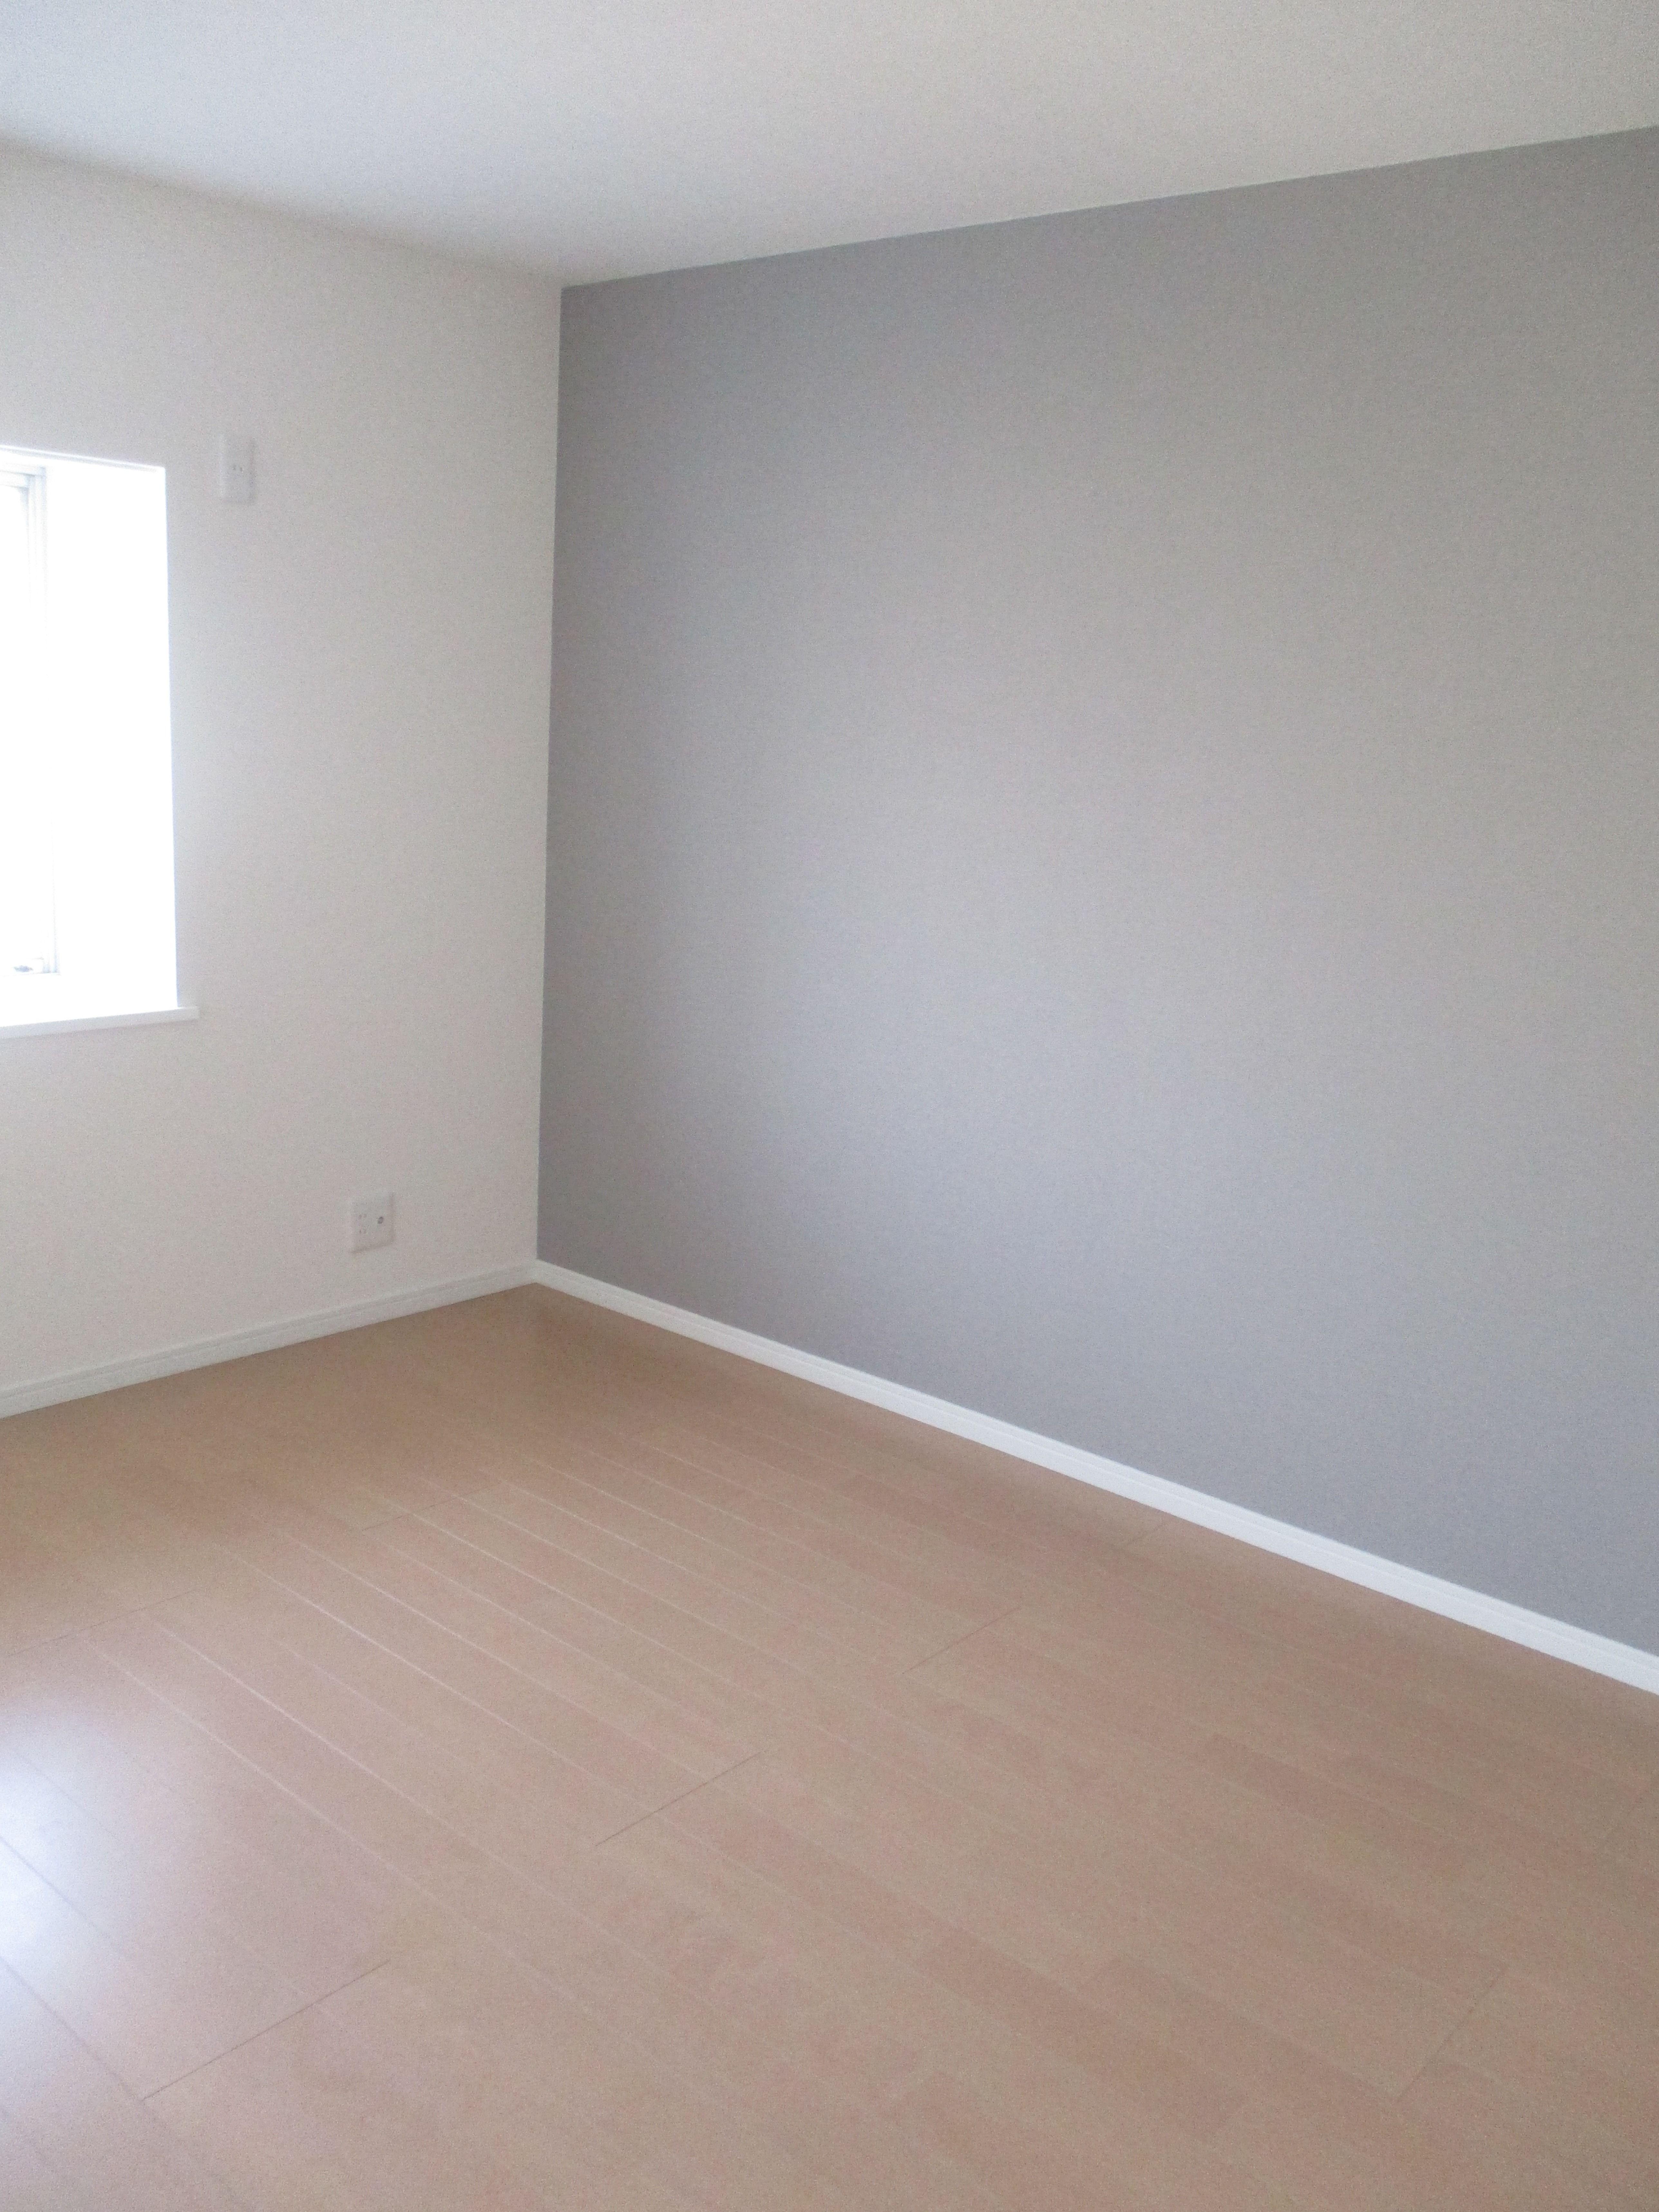 アクセントクロス シンコール グレー系 ホームオフィスのデザイン インテリア 家具 部屋壁紙 おしゃれ